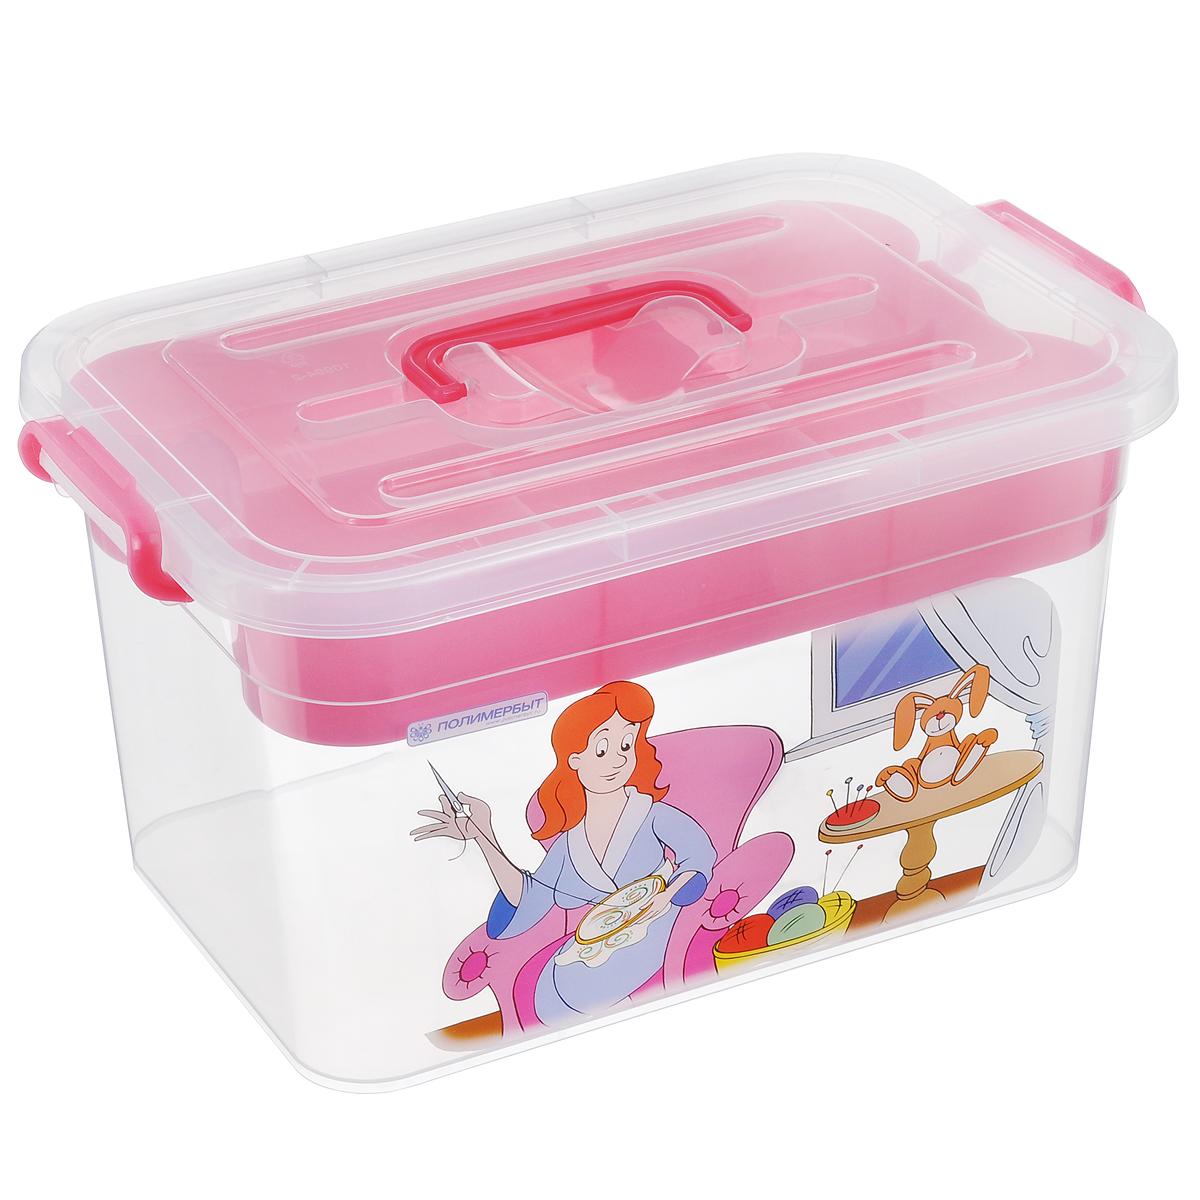 """Контейнер для хранения Полимербыт """"Рукоделие"""", с вкладышем, цвет: розовый, прозрачный, 10 л С81002"""